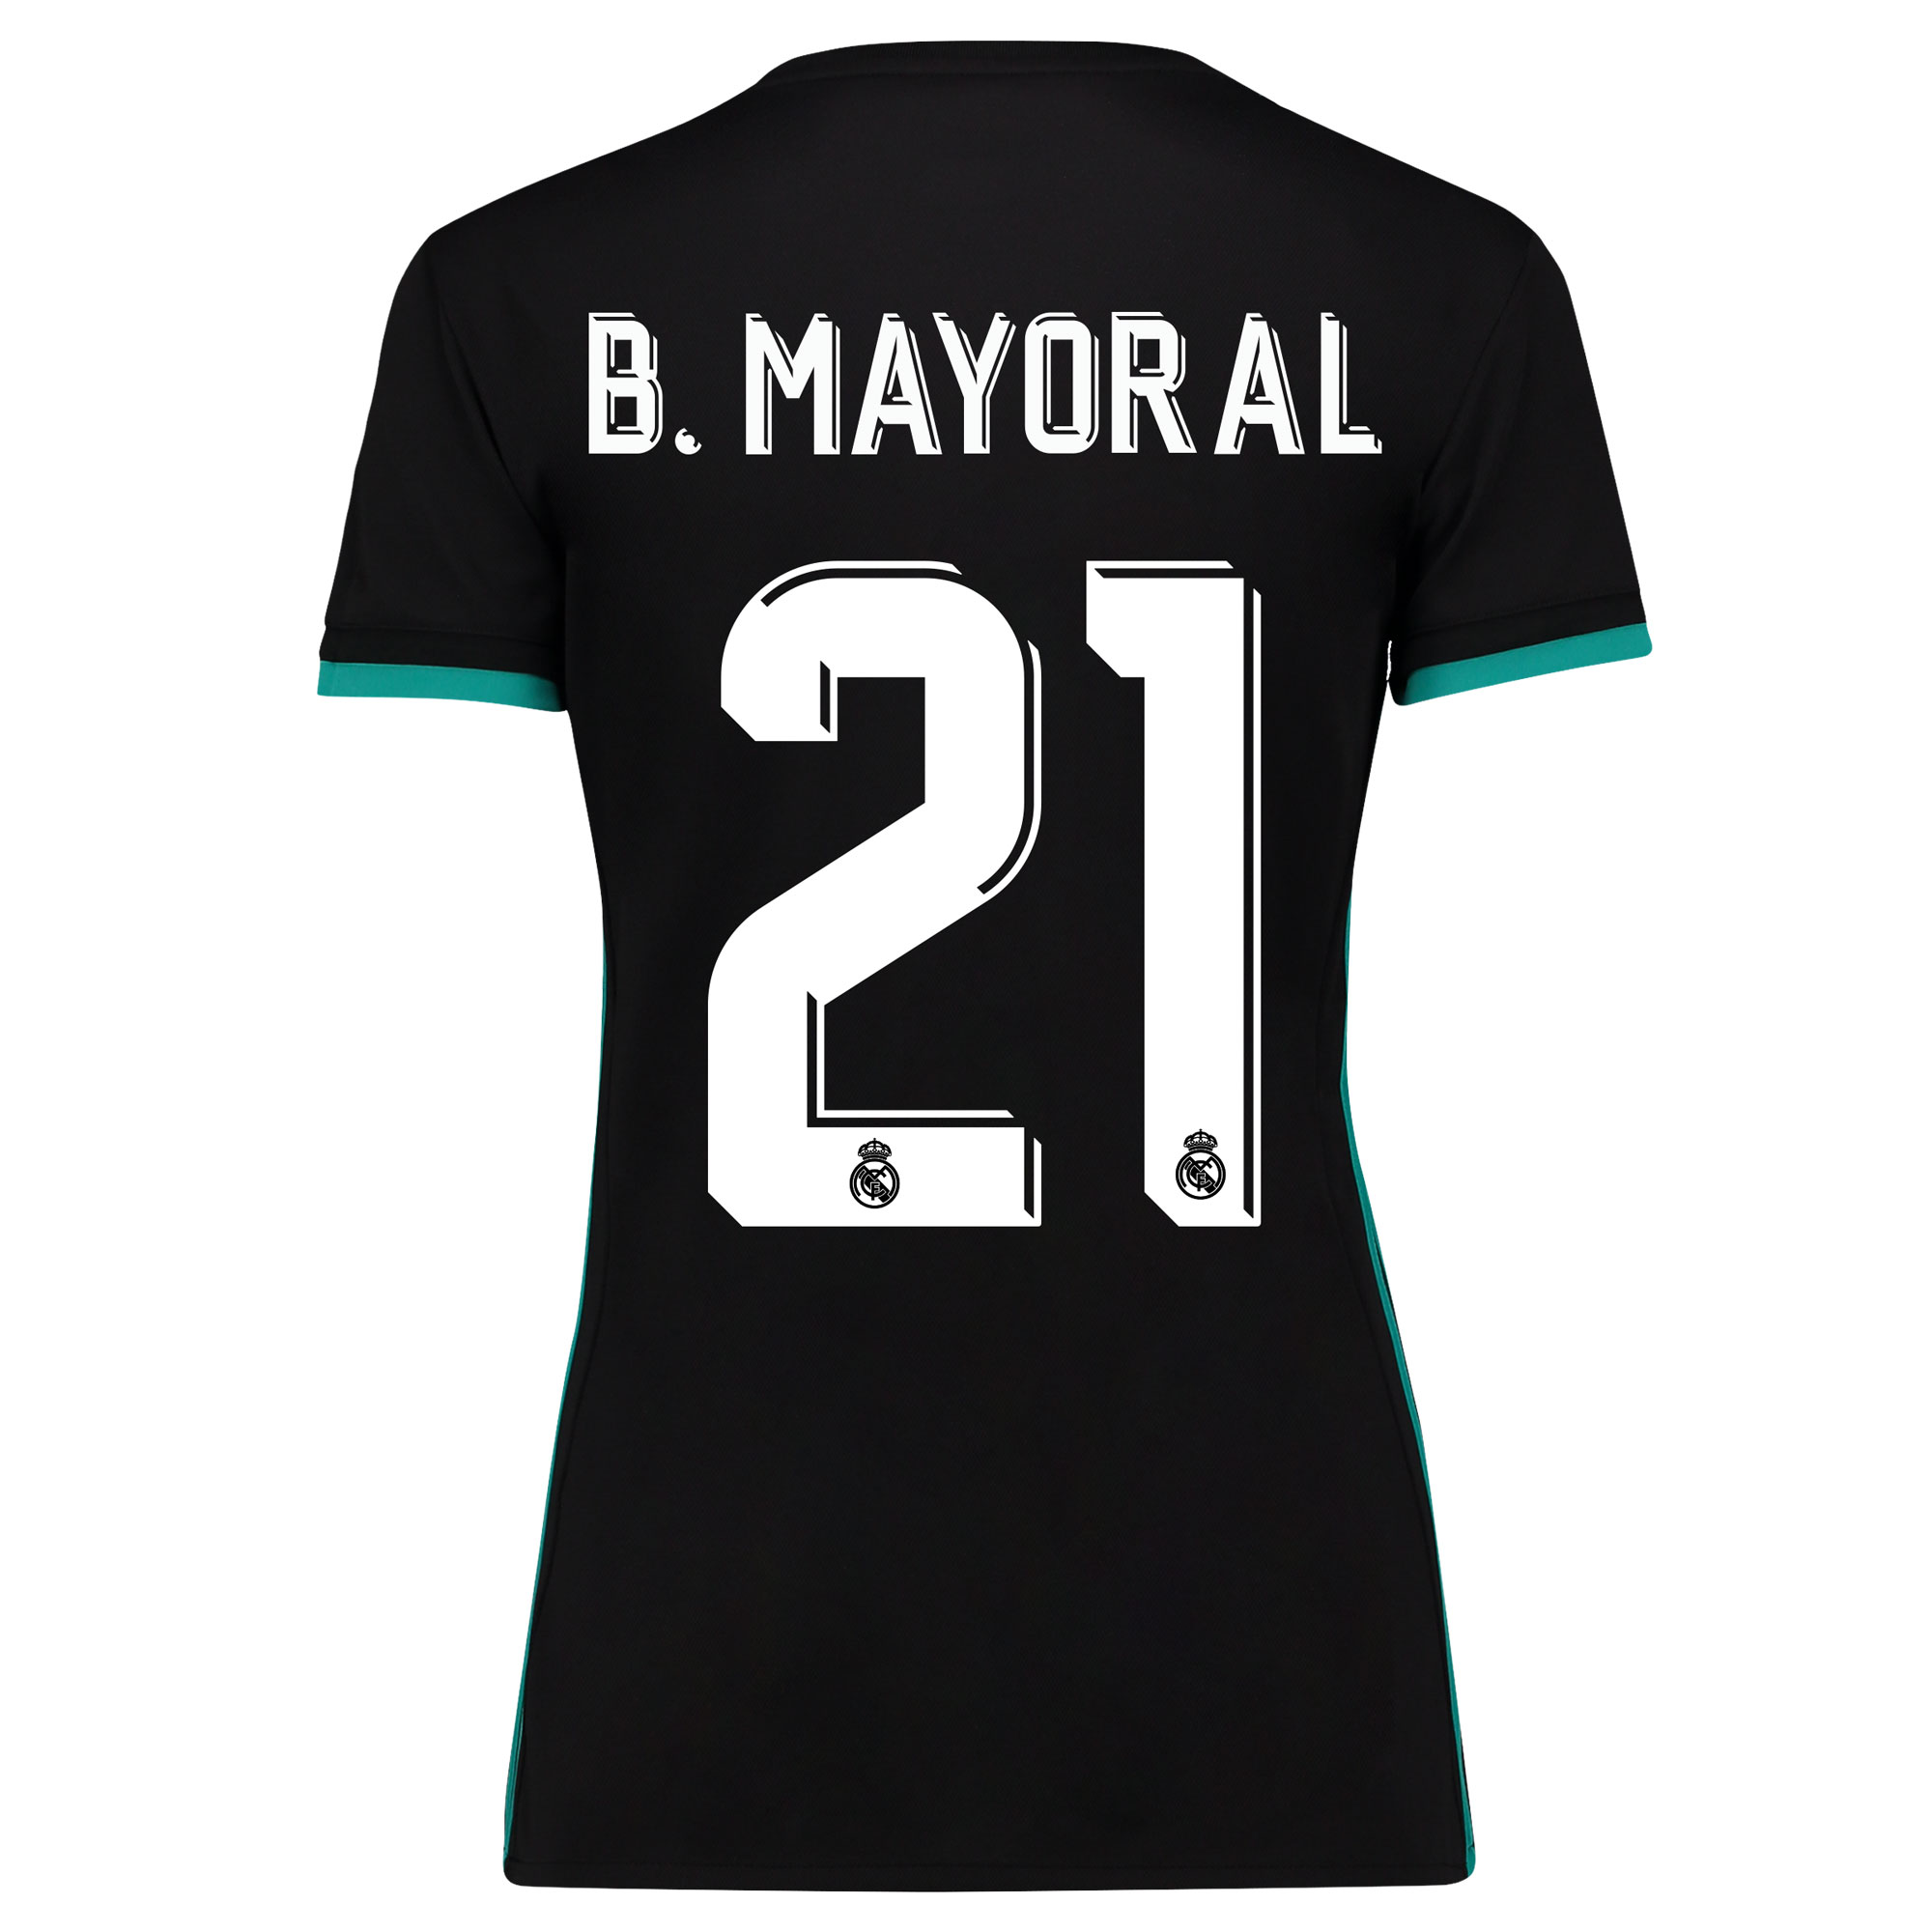 Camiseta de la 2ª equipación Real Madrid 2017/18 - Mujer con estampado B. Mayoral 21